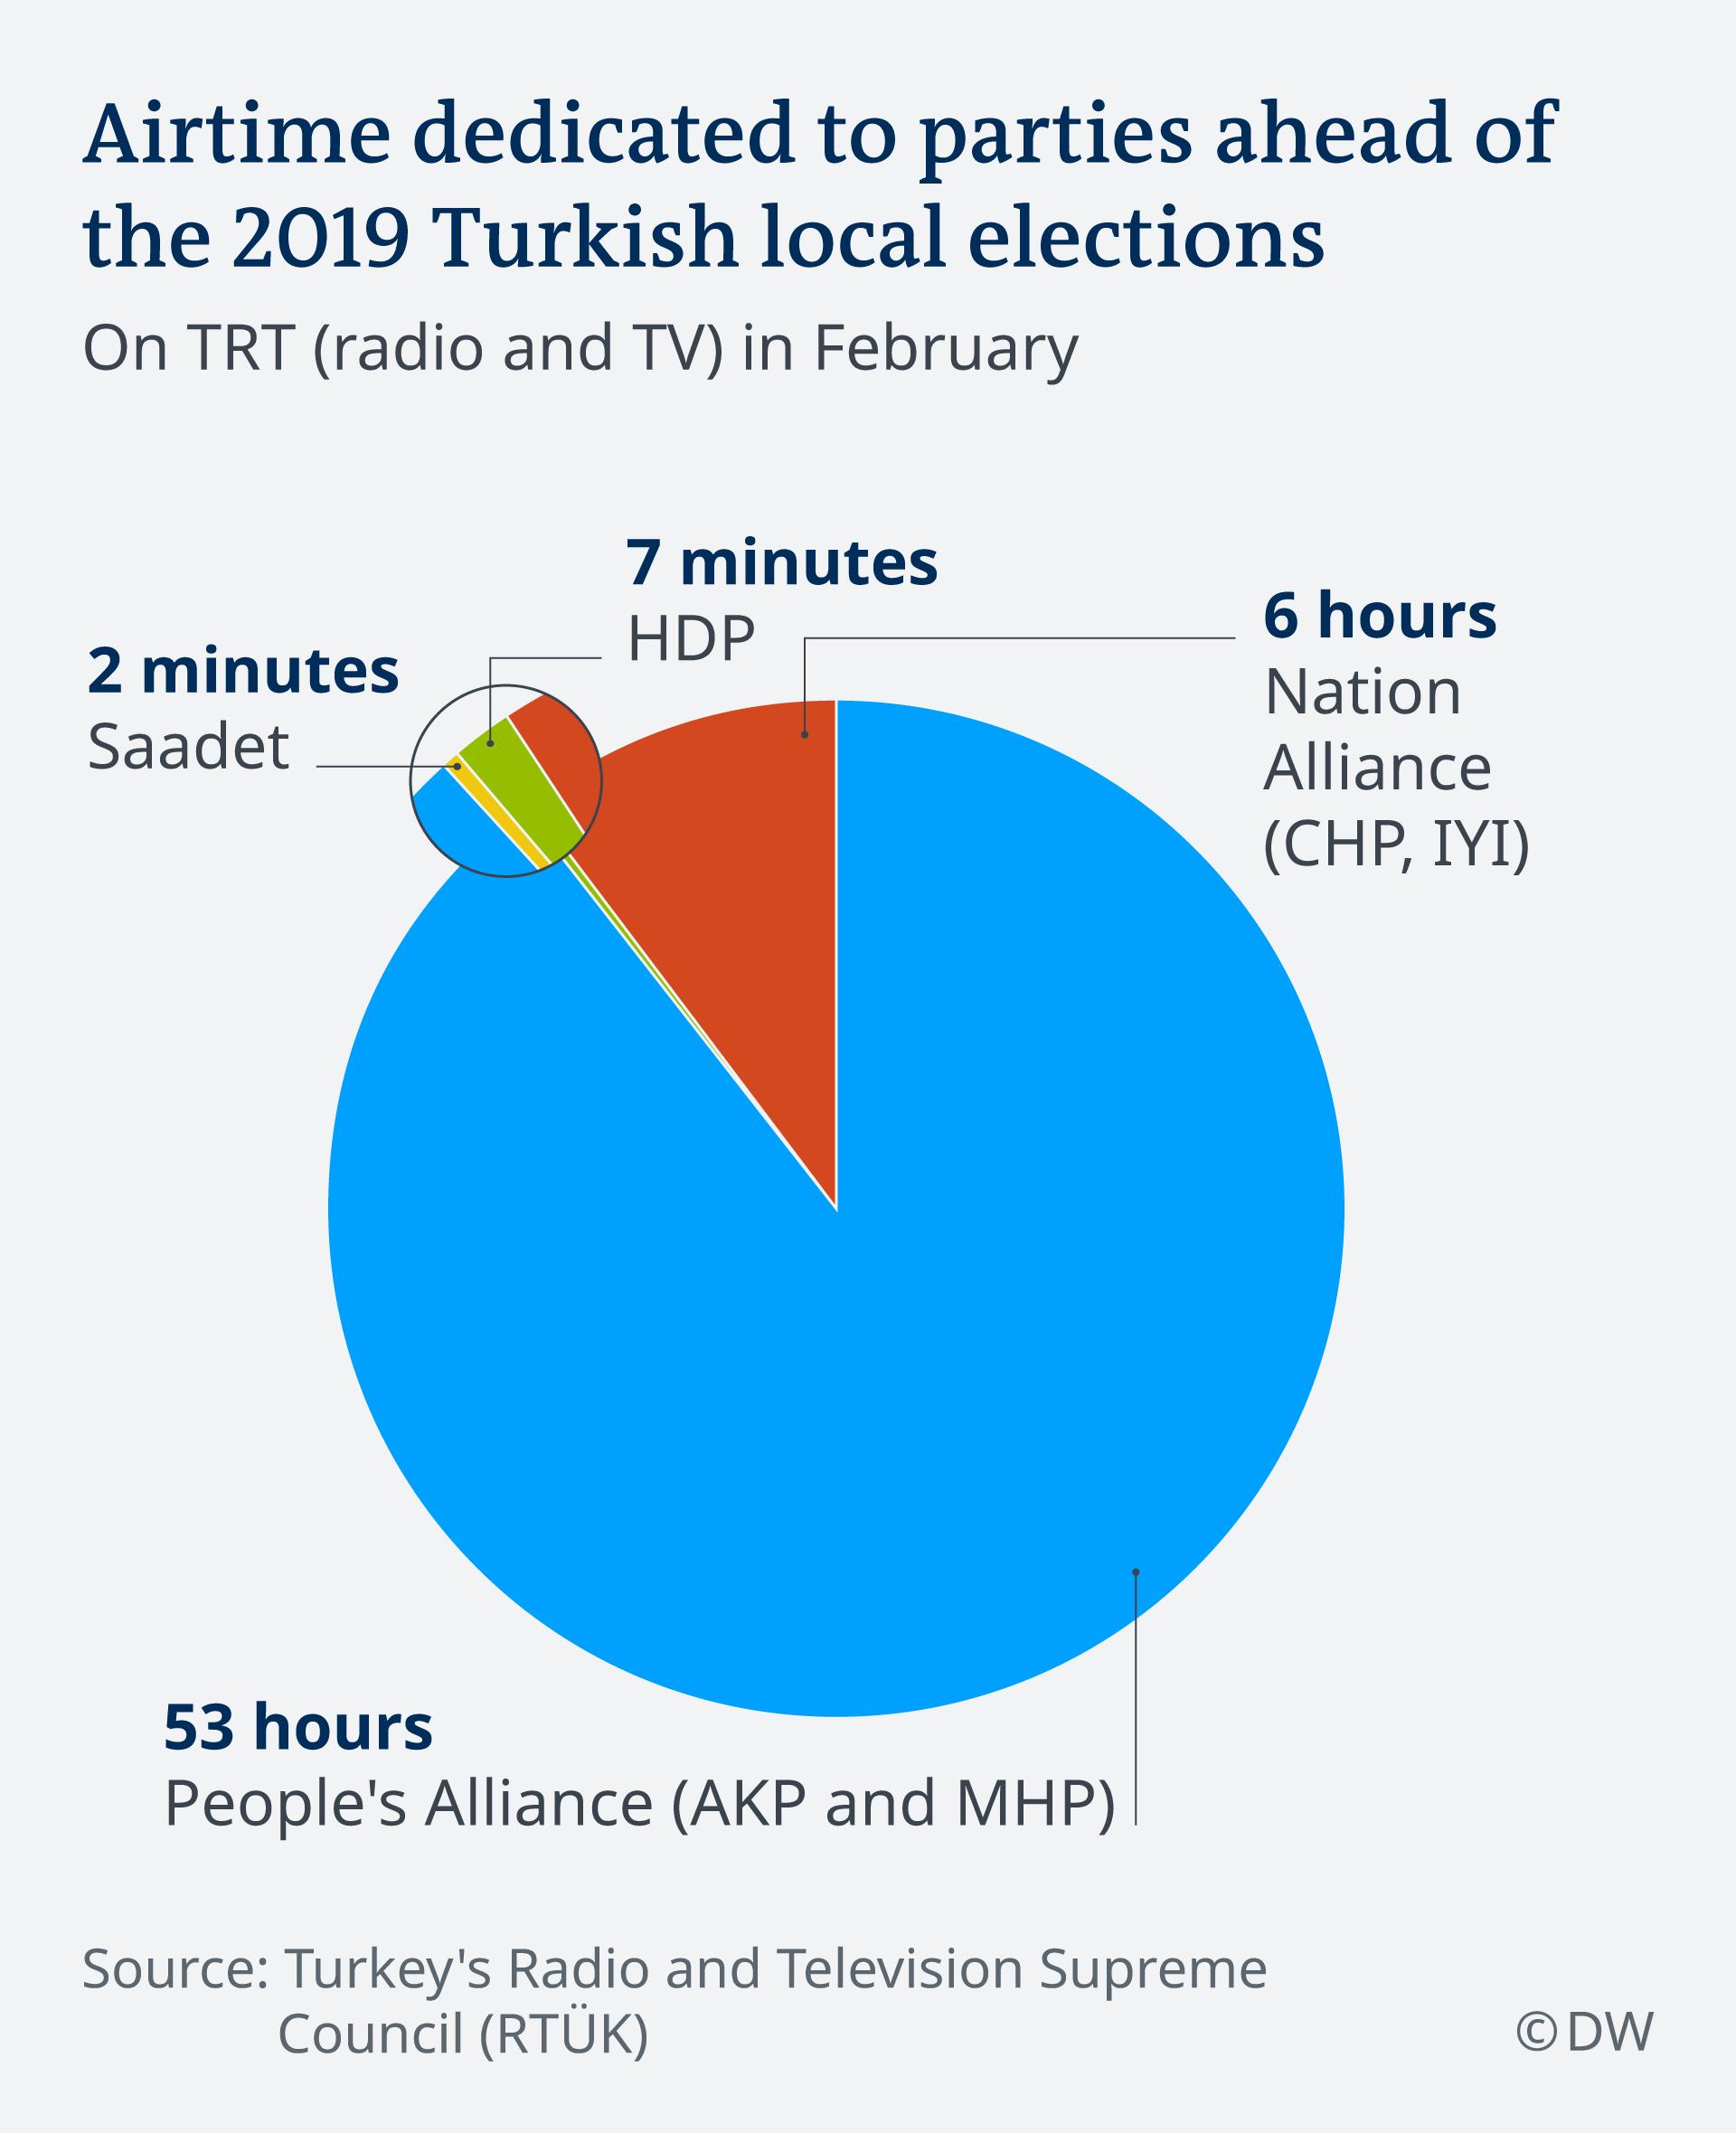 Minutaža posvećena izvještavanju o pojedinim strankama na turskom državnom radiju i televiziji uoči lokalnih izbora (u veljači)